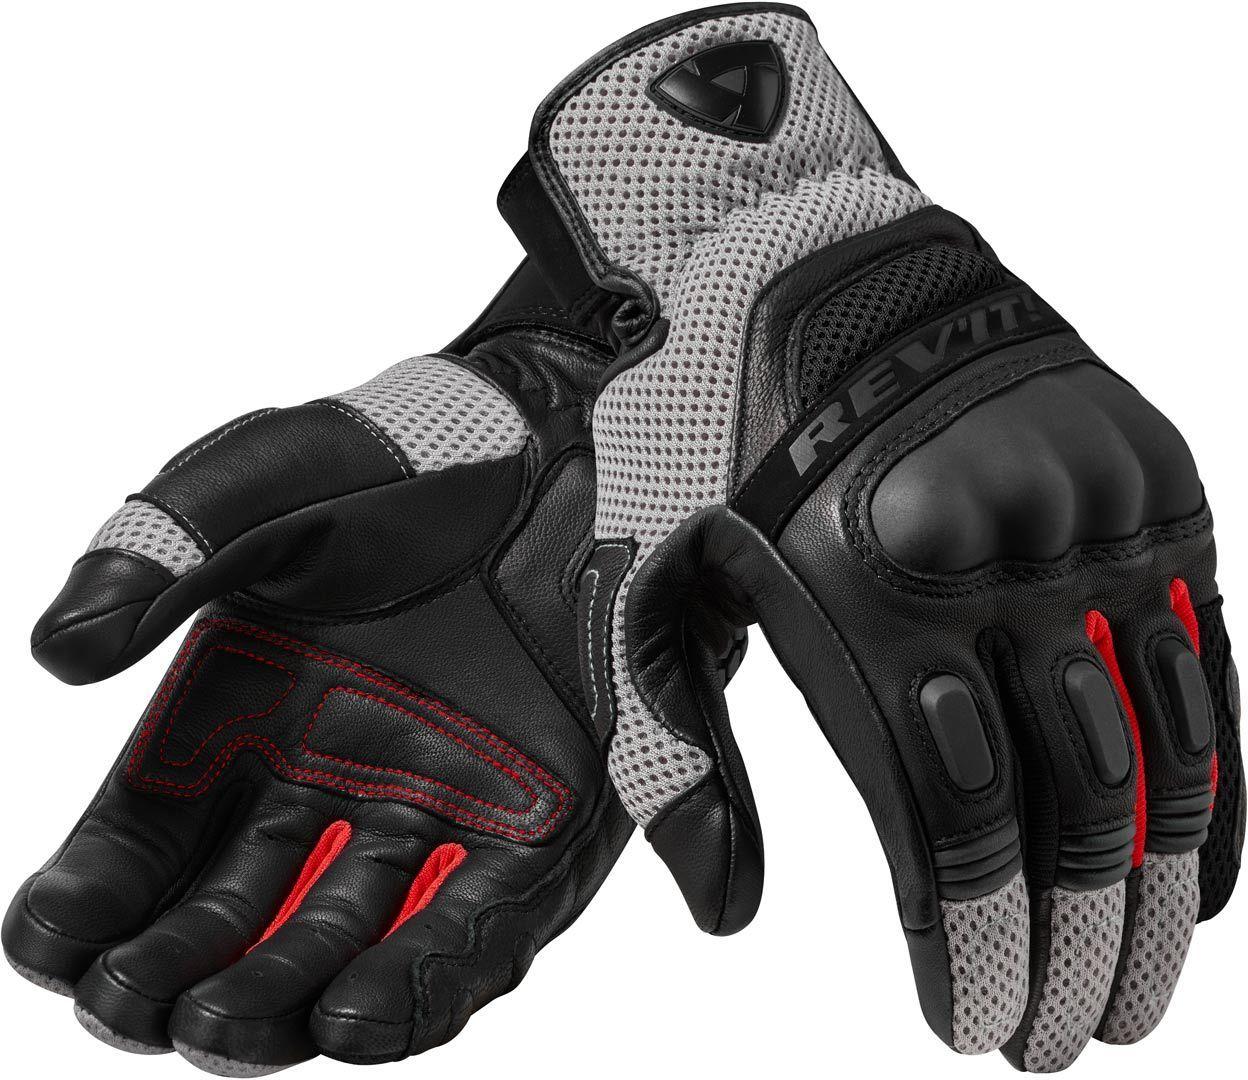 Revit Dirt 3 Motocross Handschuhe, schwarz-rot, Größe 3XL, schwarz-rot, Größe 3XL